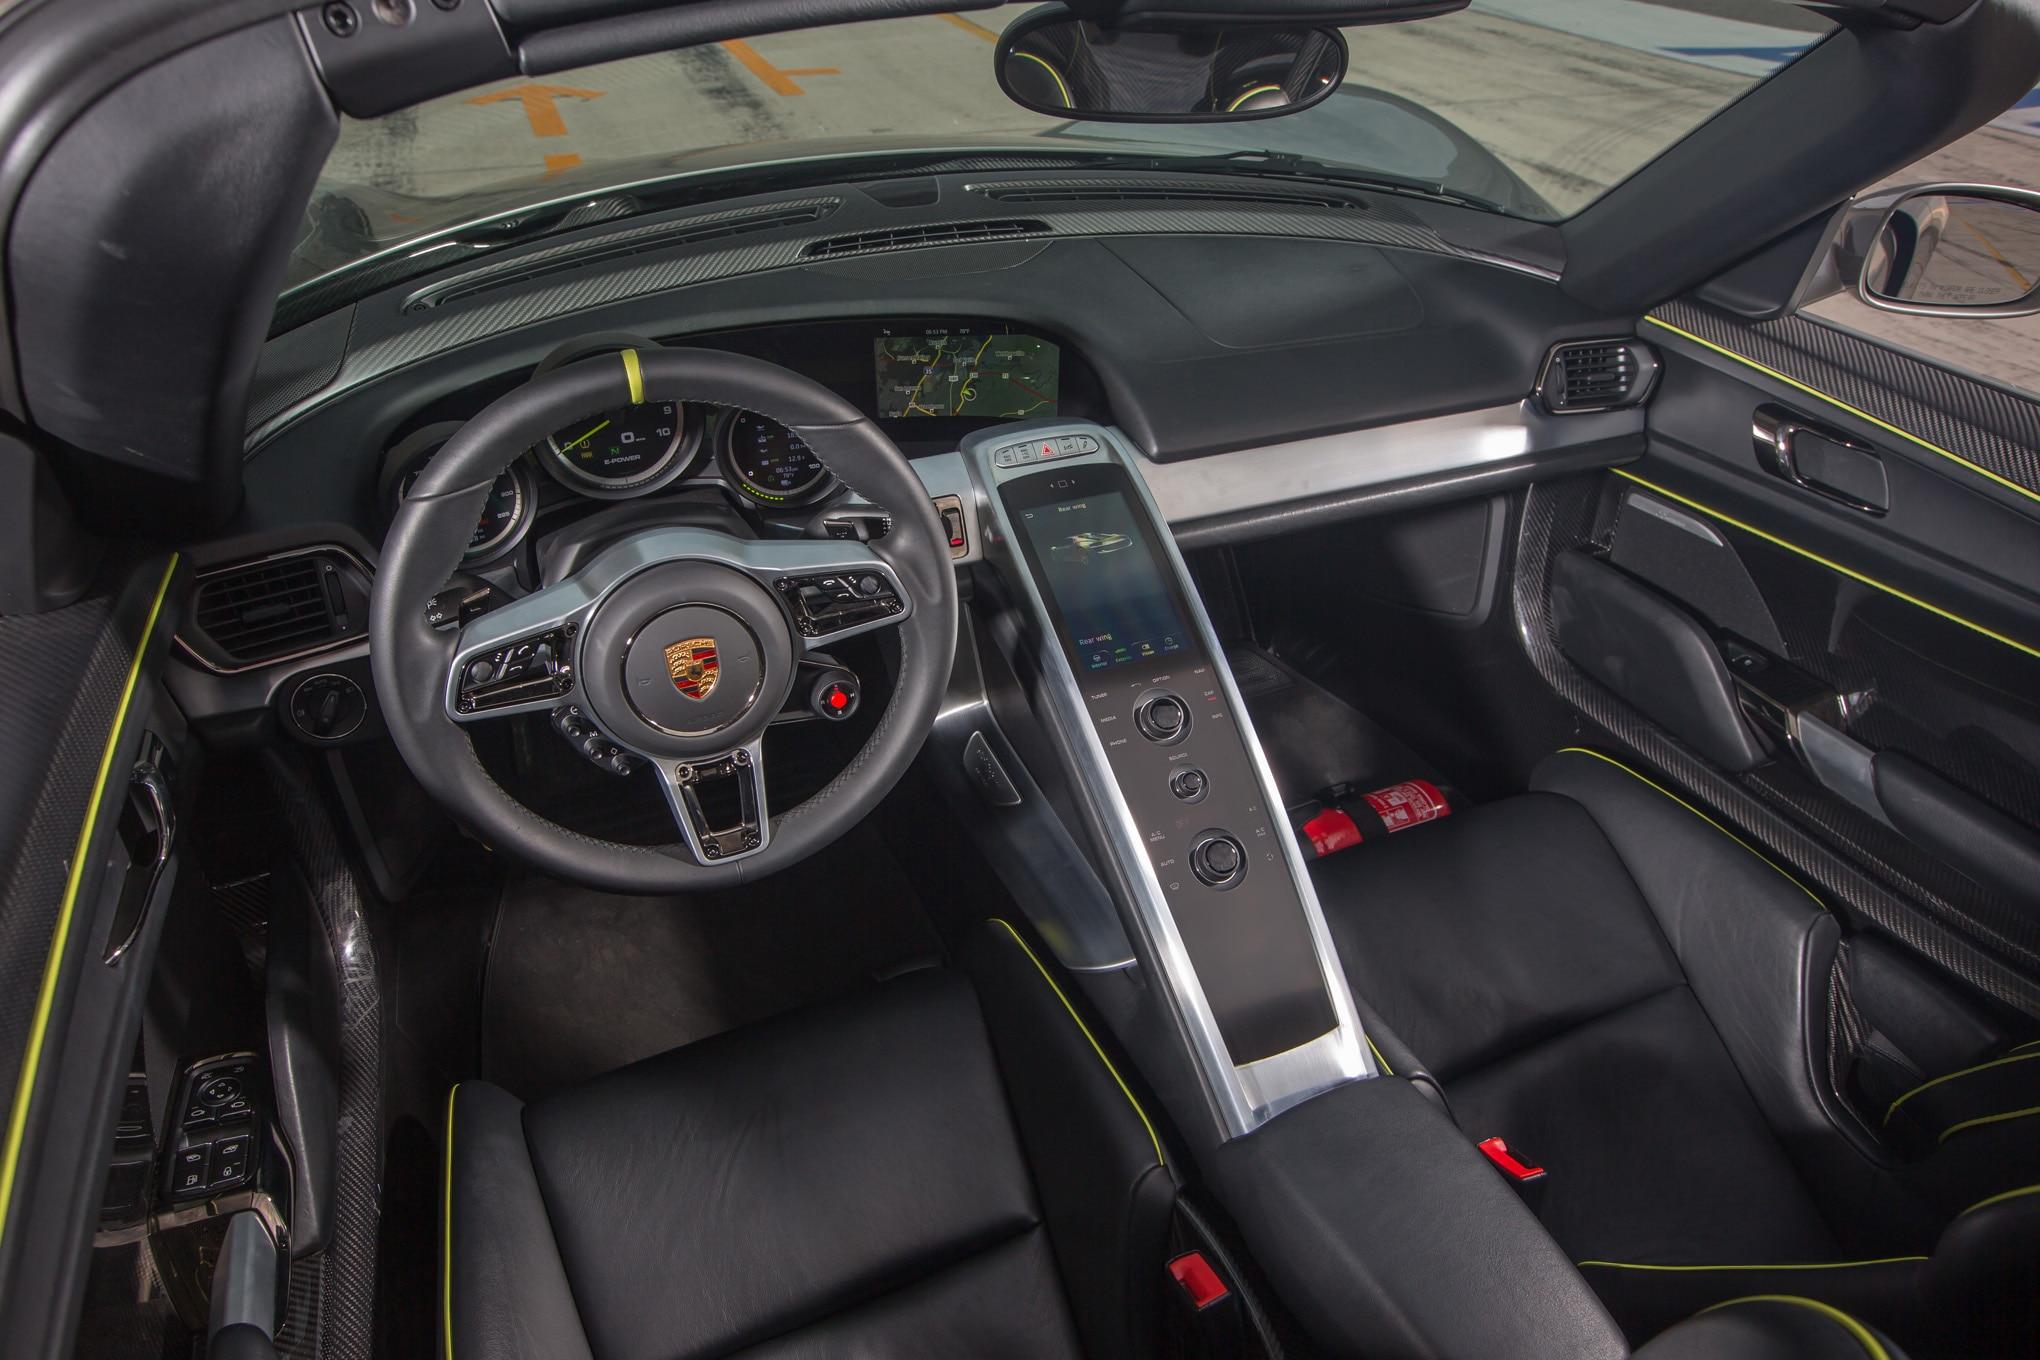 2015 porsche 918 spyder interior view 021 - Porsche Spyder 918 2015